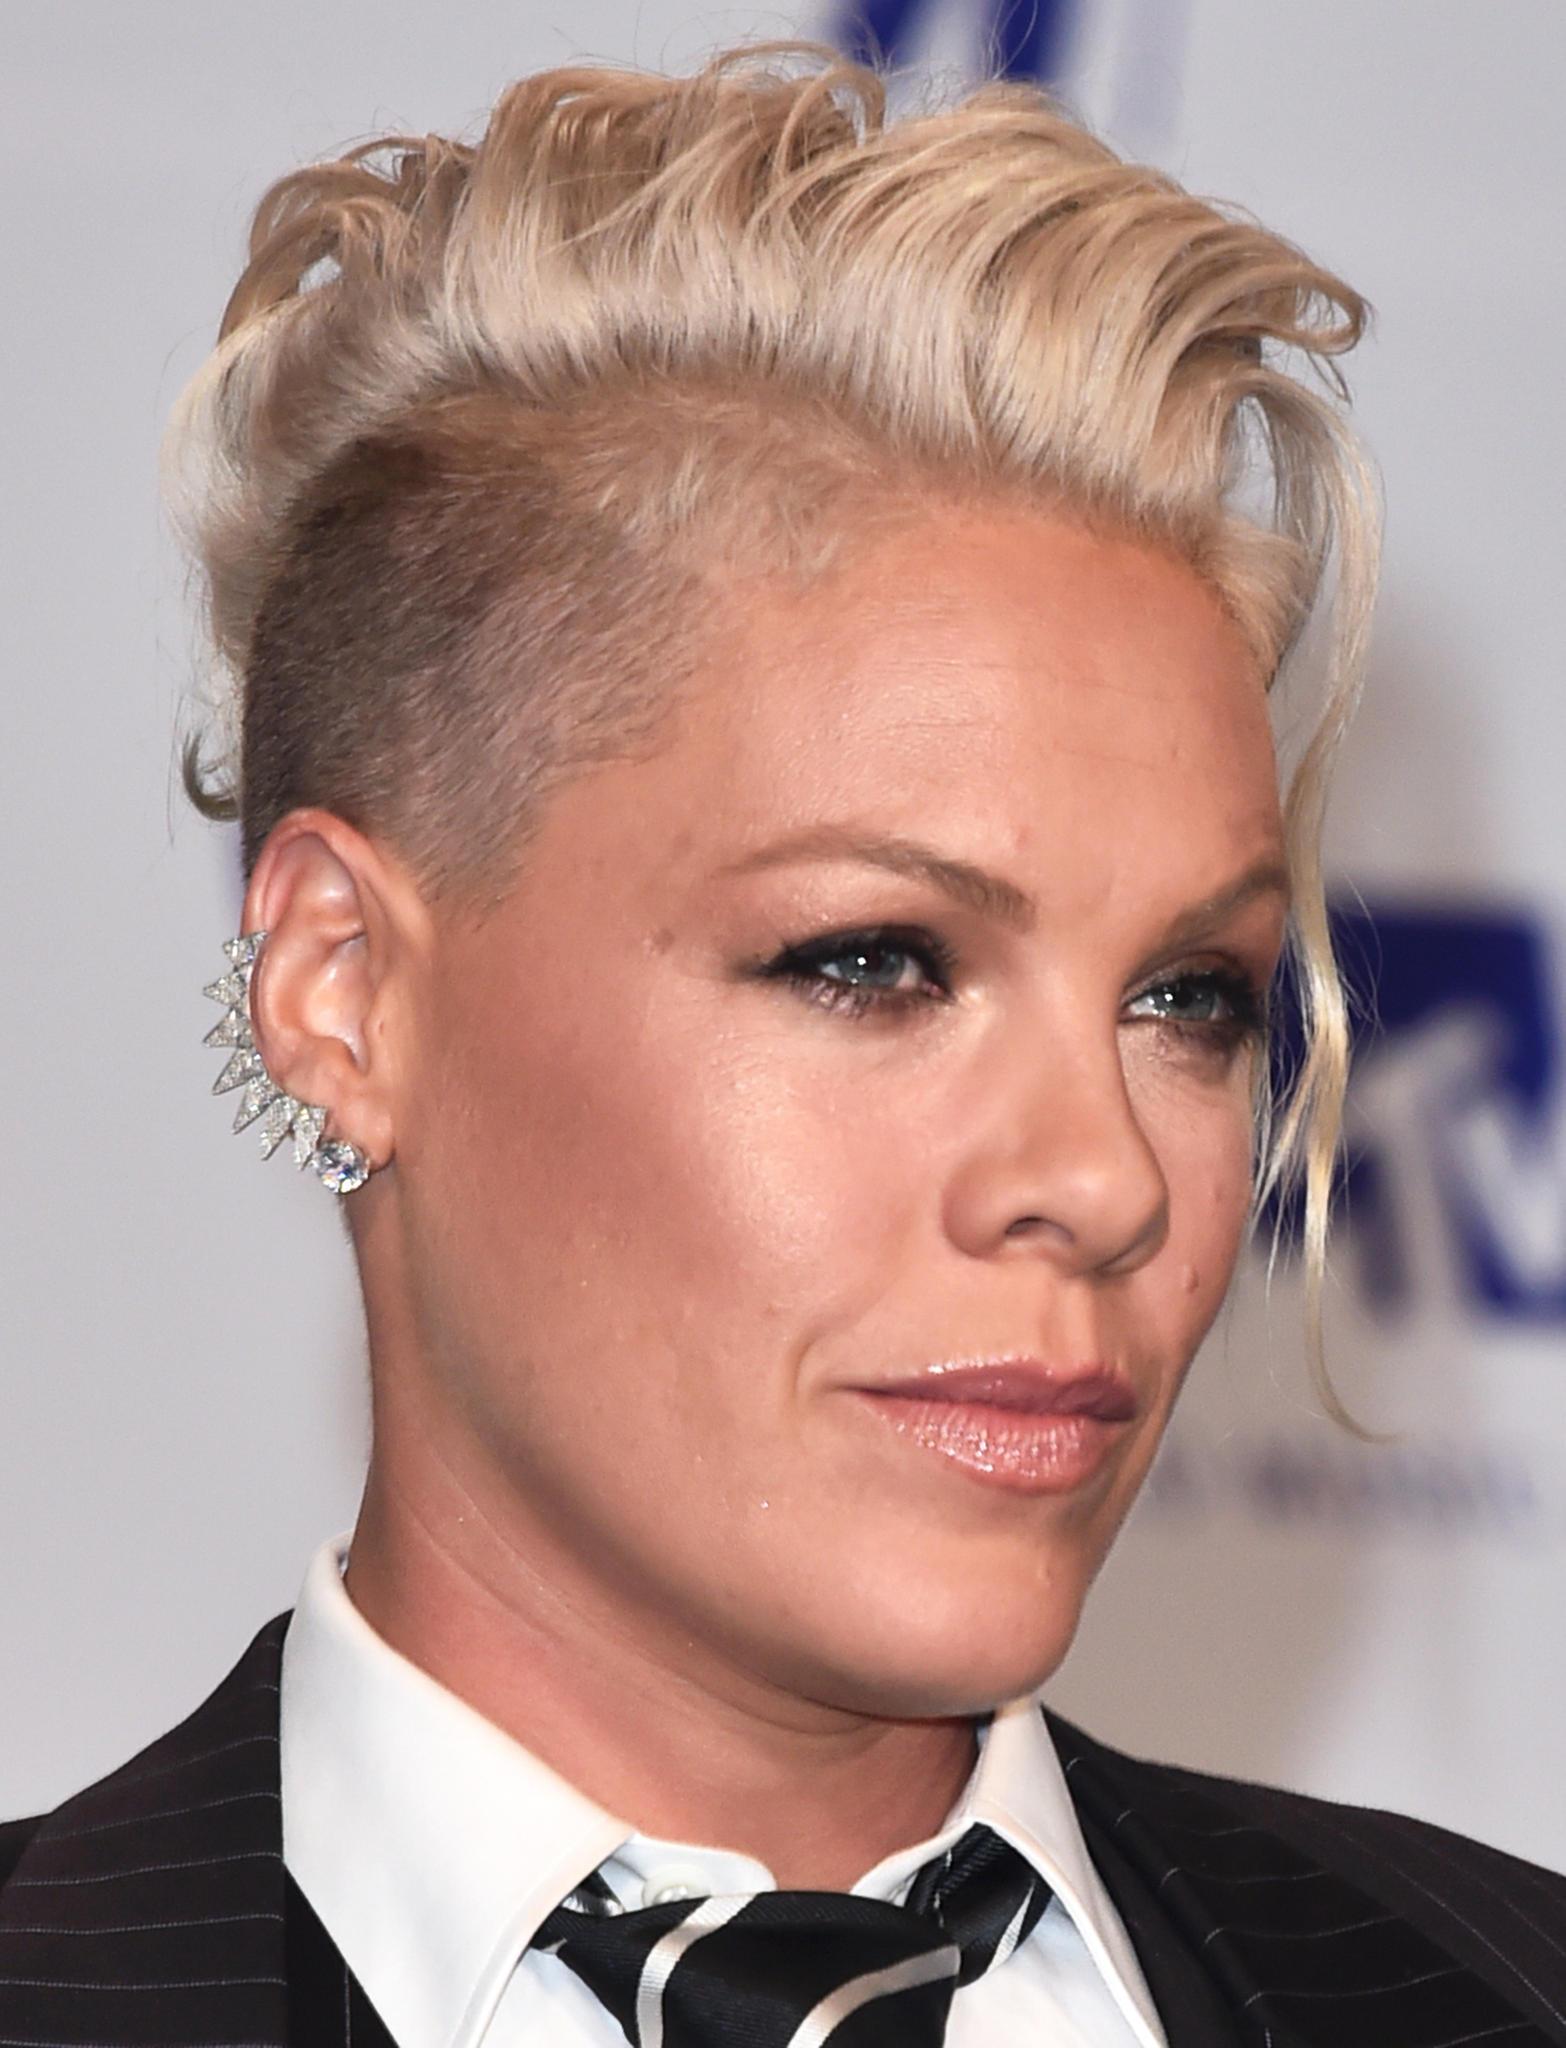 Pink hat ihre Haare auf einer Seite raspelkurz rasiert und trägt auf der anderen blonde Locken. Den punkigen Style betont sie mit einem glitzernden Earcuff.